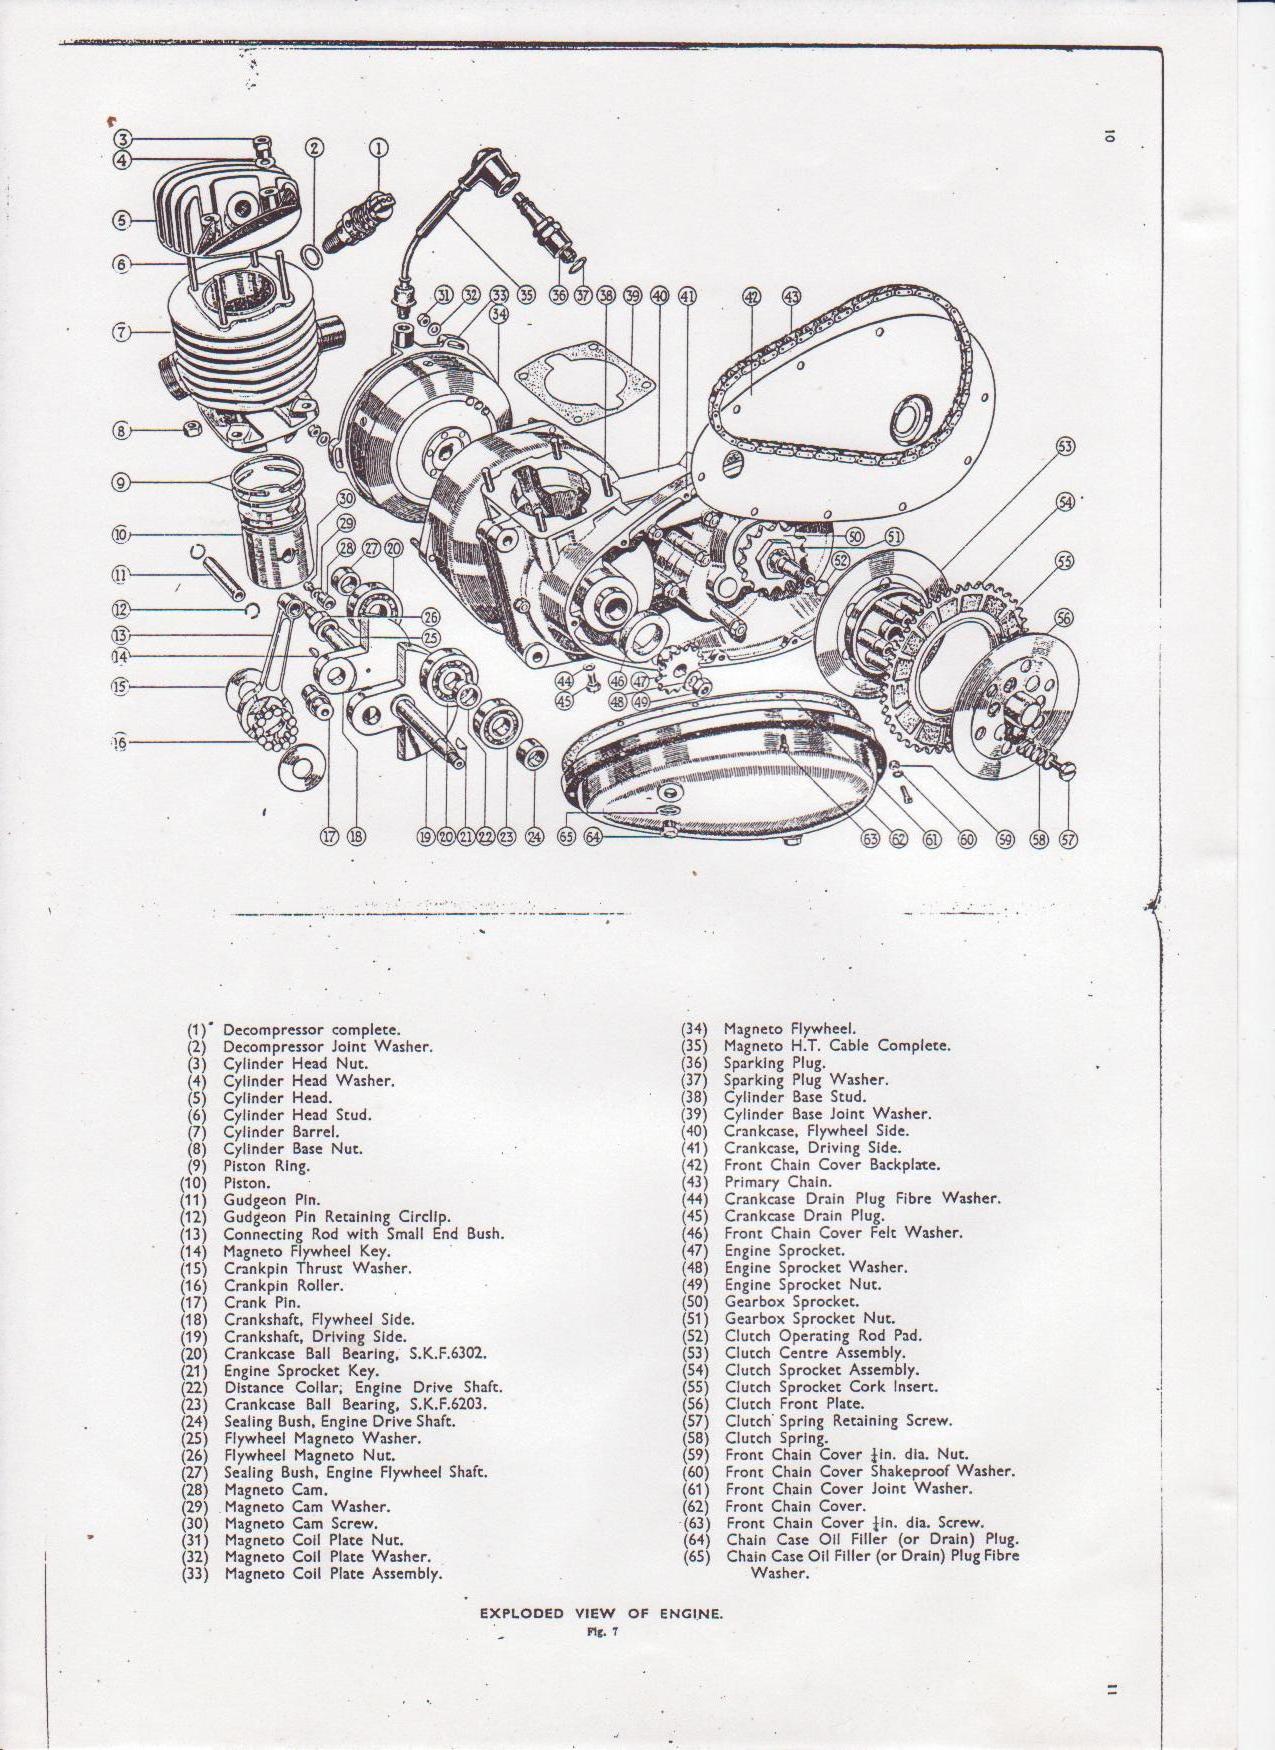 Triumph Werkstatthandbuch Download